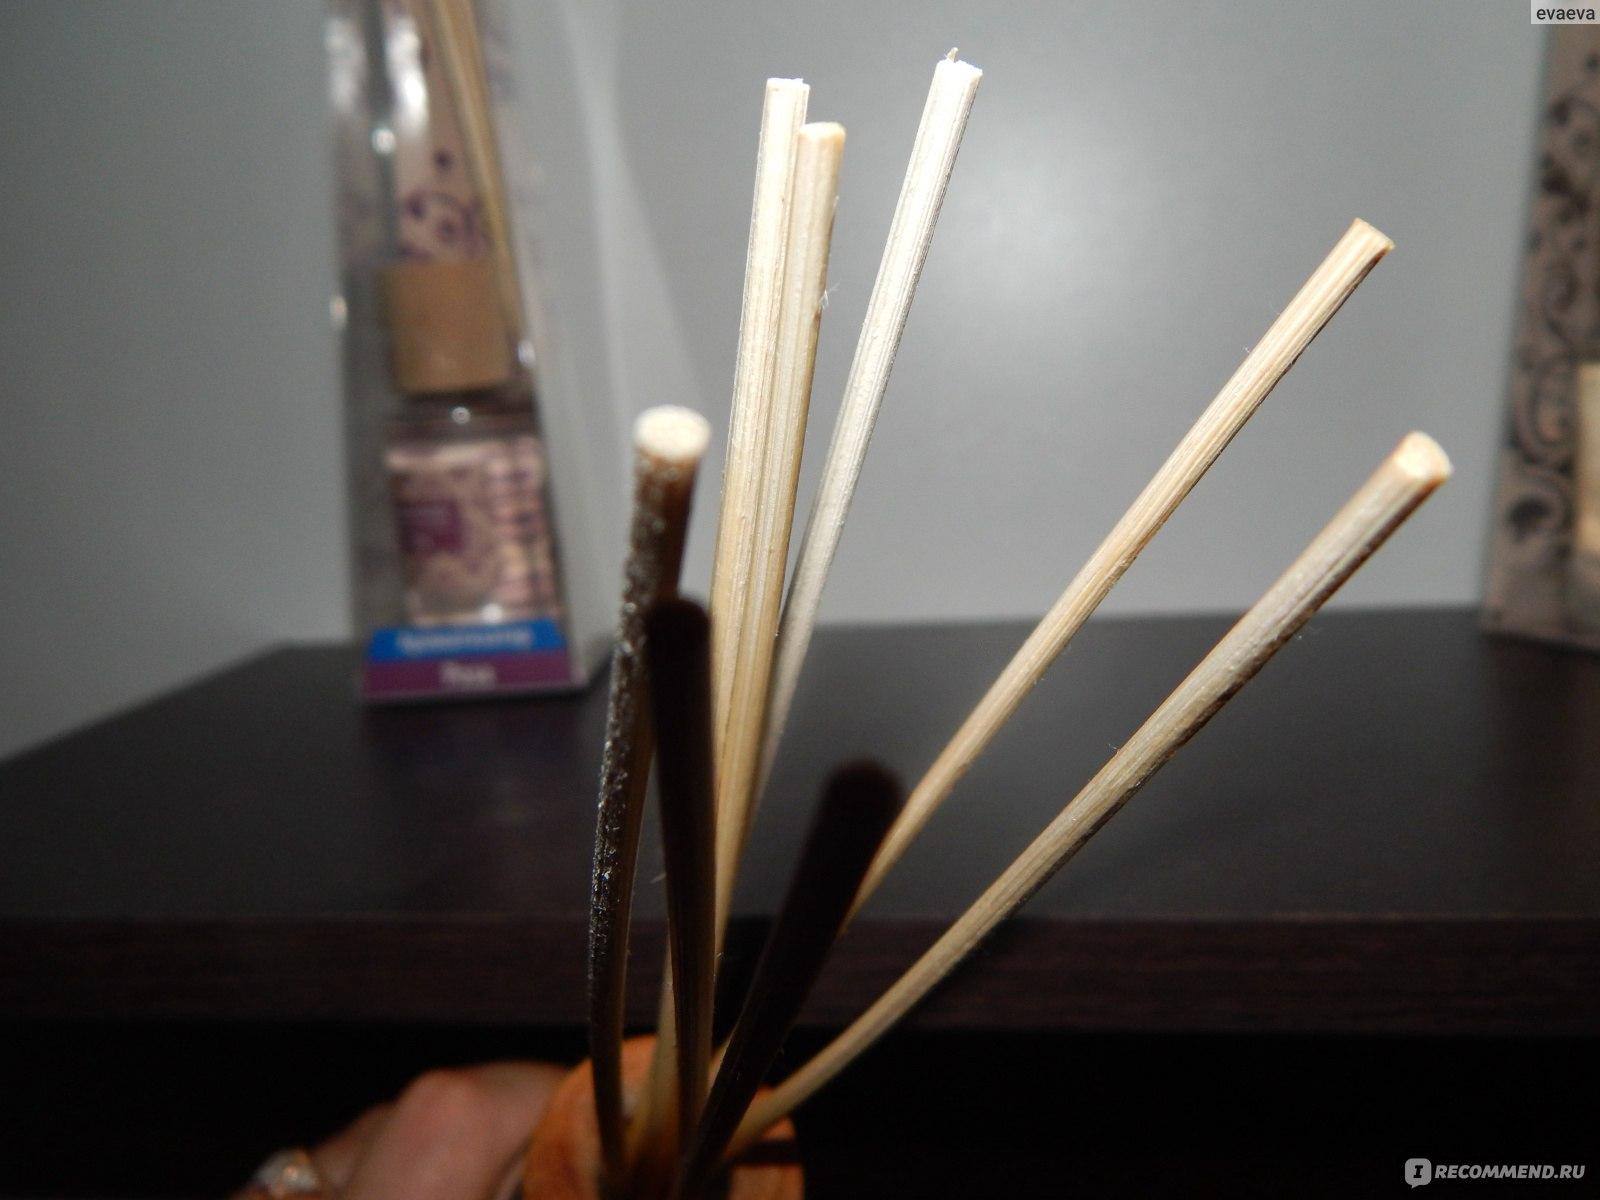 Как сделать ароматизаторы для дома своими руками 34